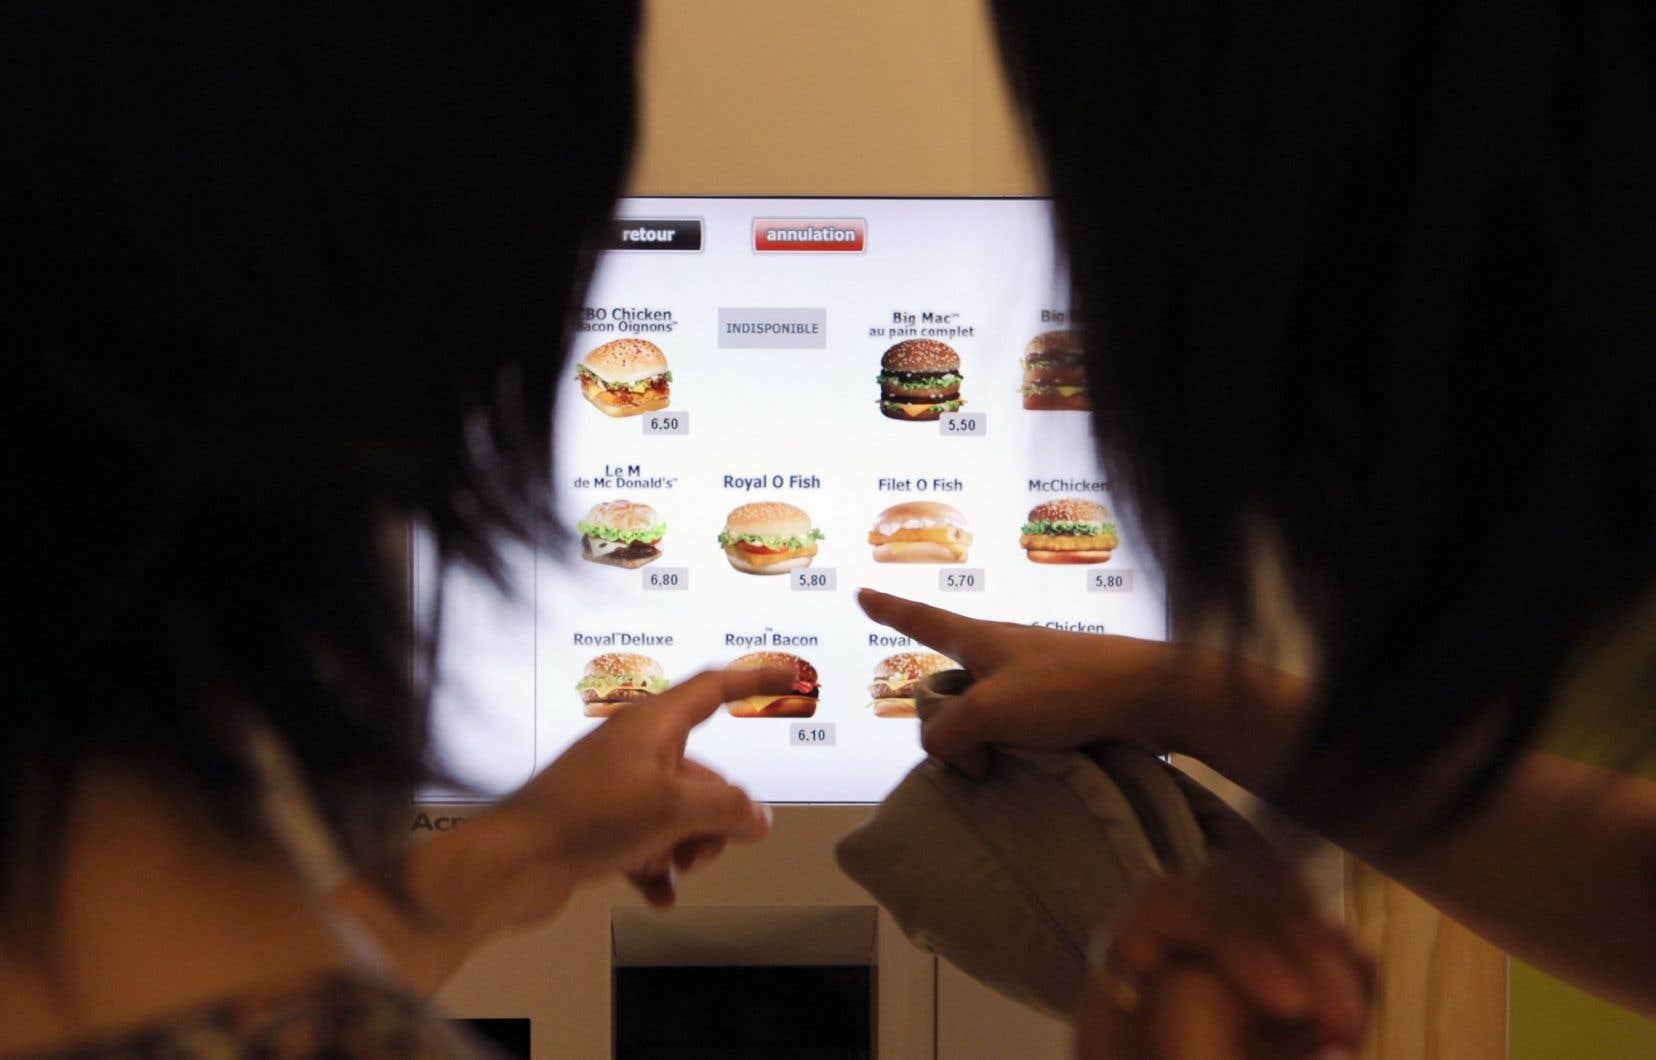 L'automatisation de la prise des commandes en restauration rapide assure des gains de productivité.